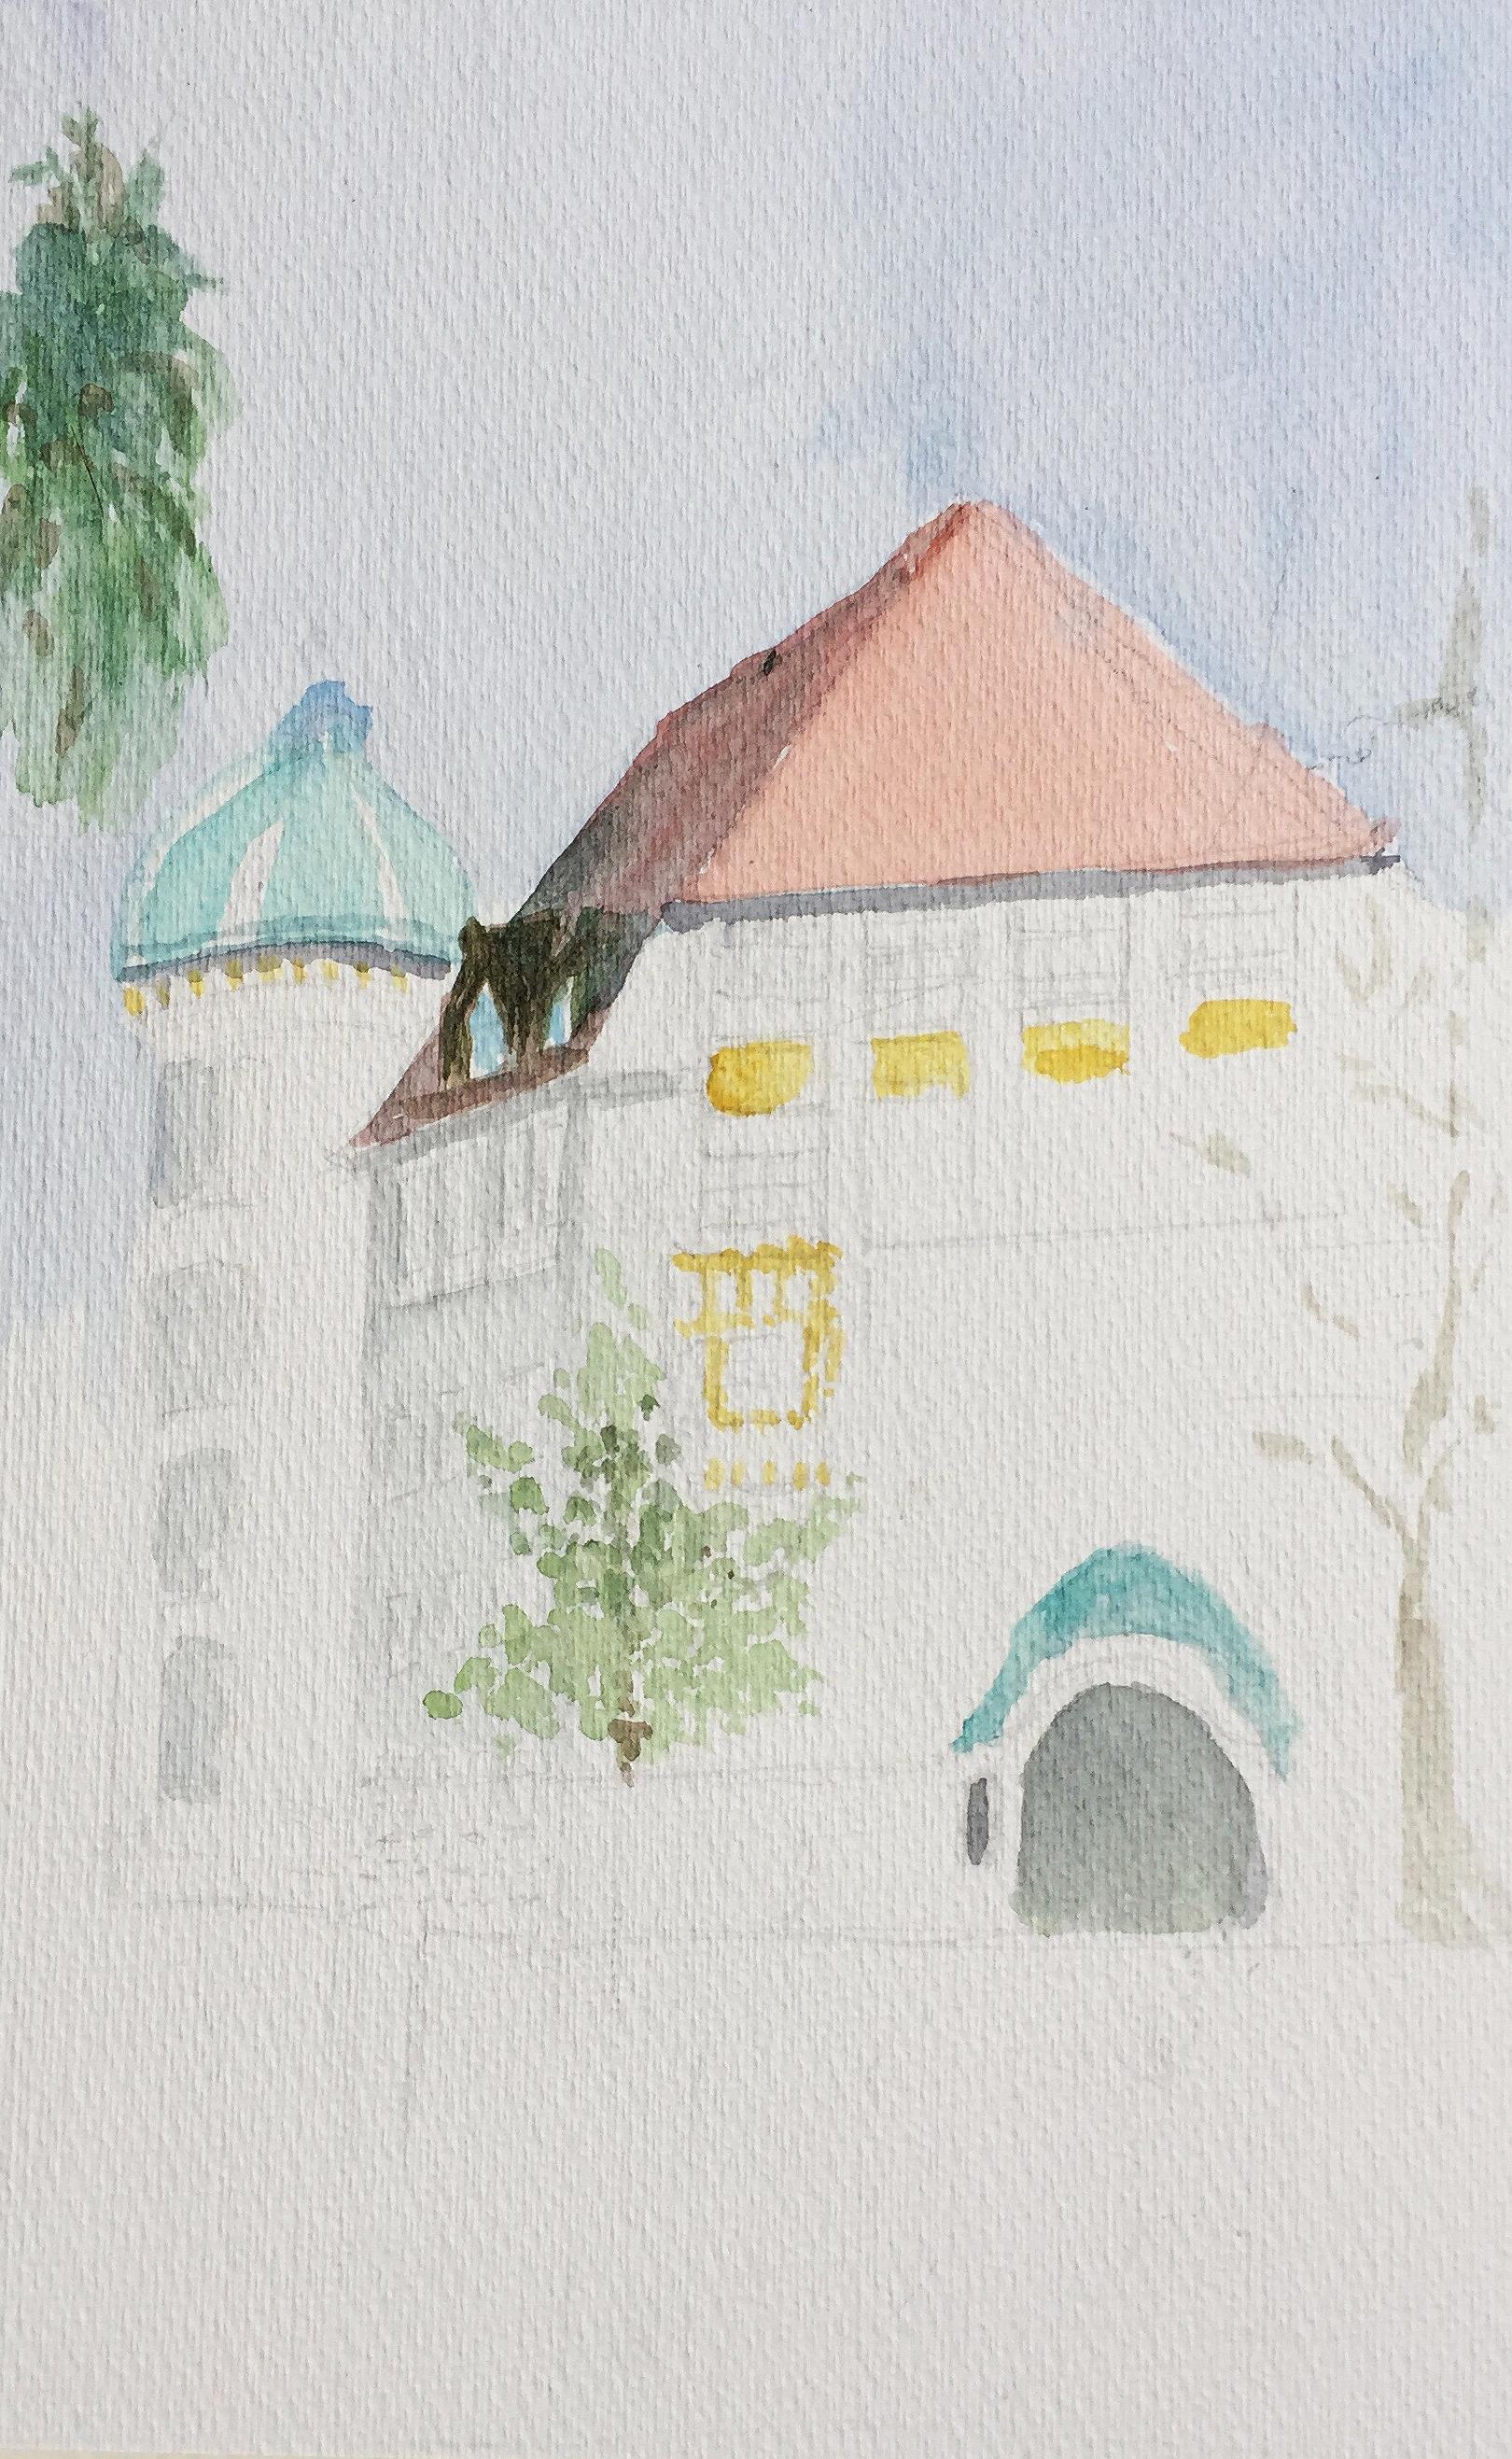 Ruth Bär_Aquarell_Röslistrasse_Aquarell_5.5.18_Urban Sketching_Astrid Amadeo_Zeichnen in Zürich